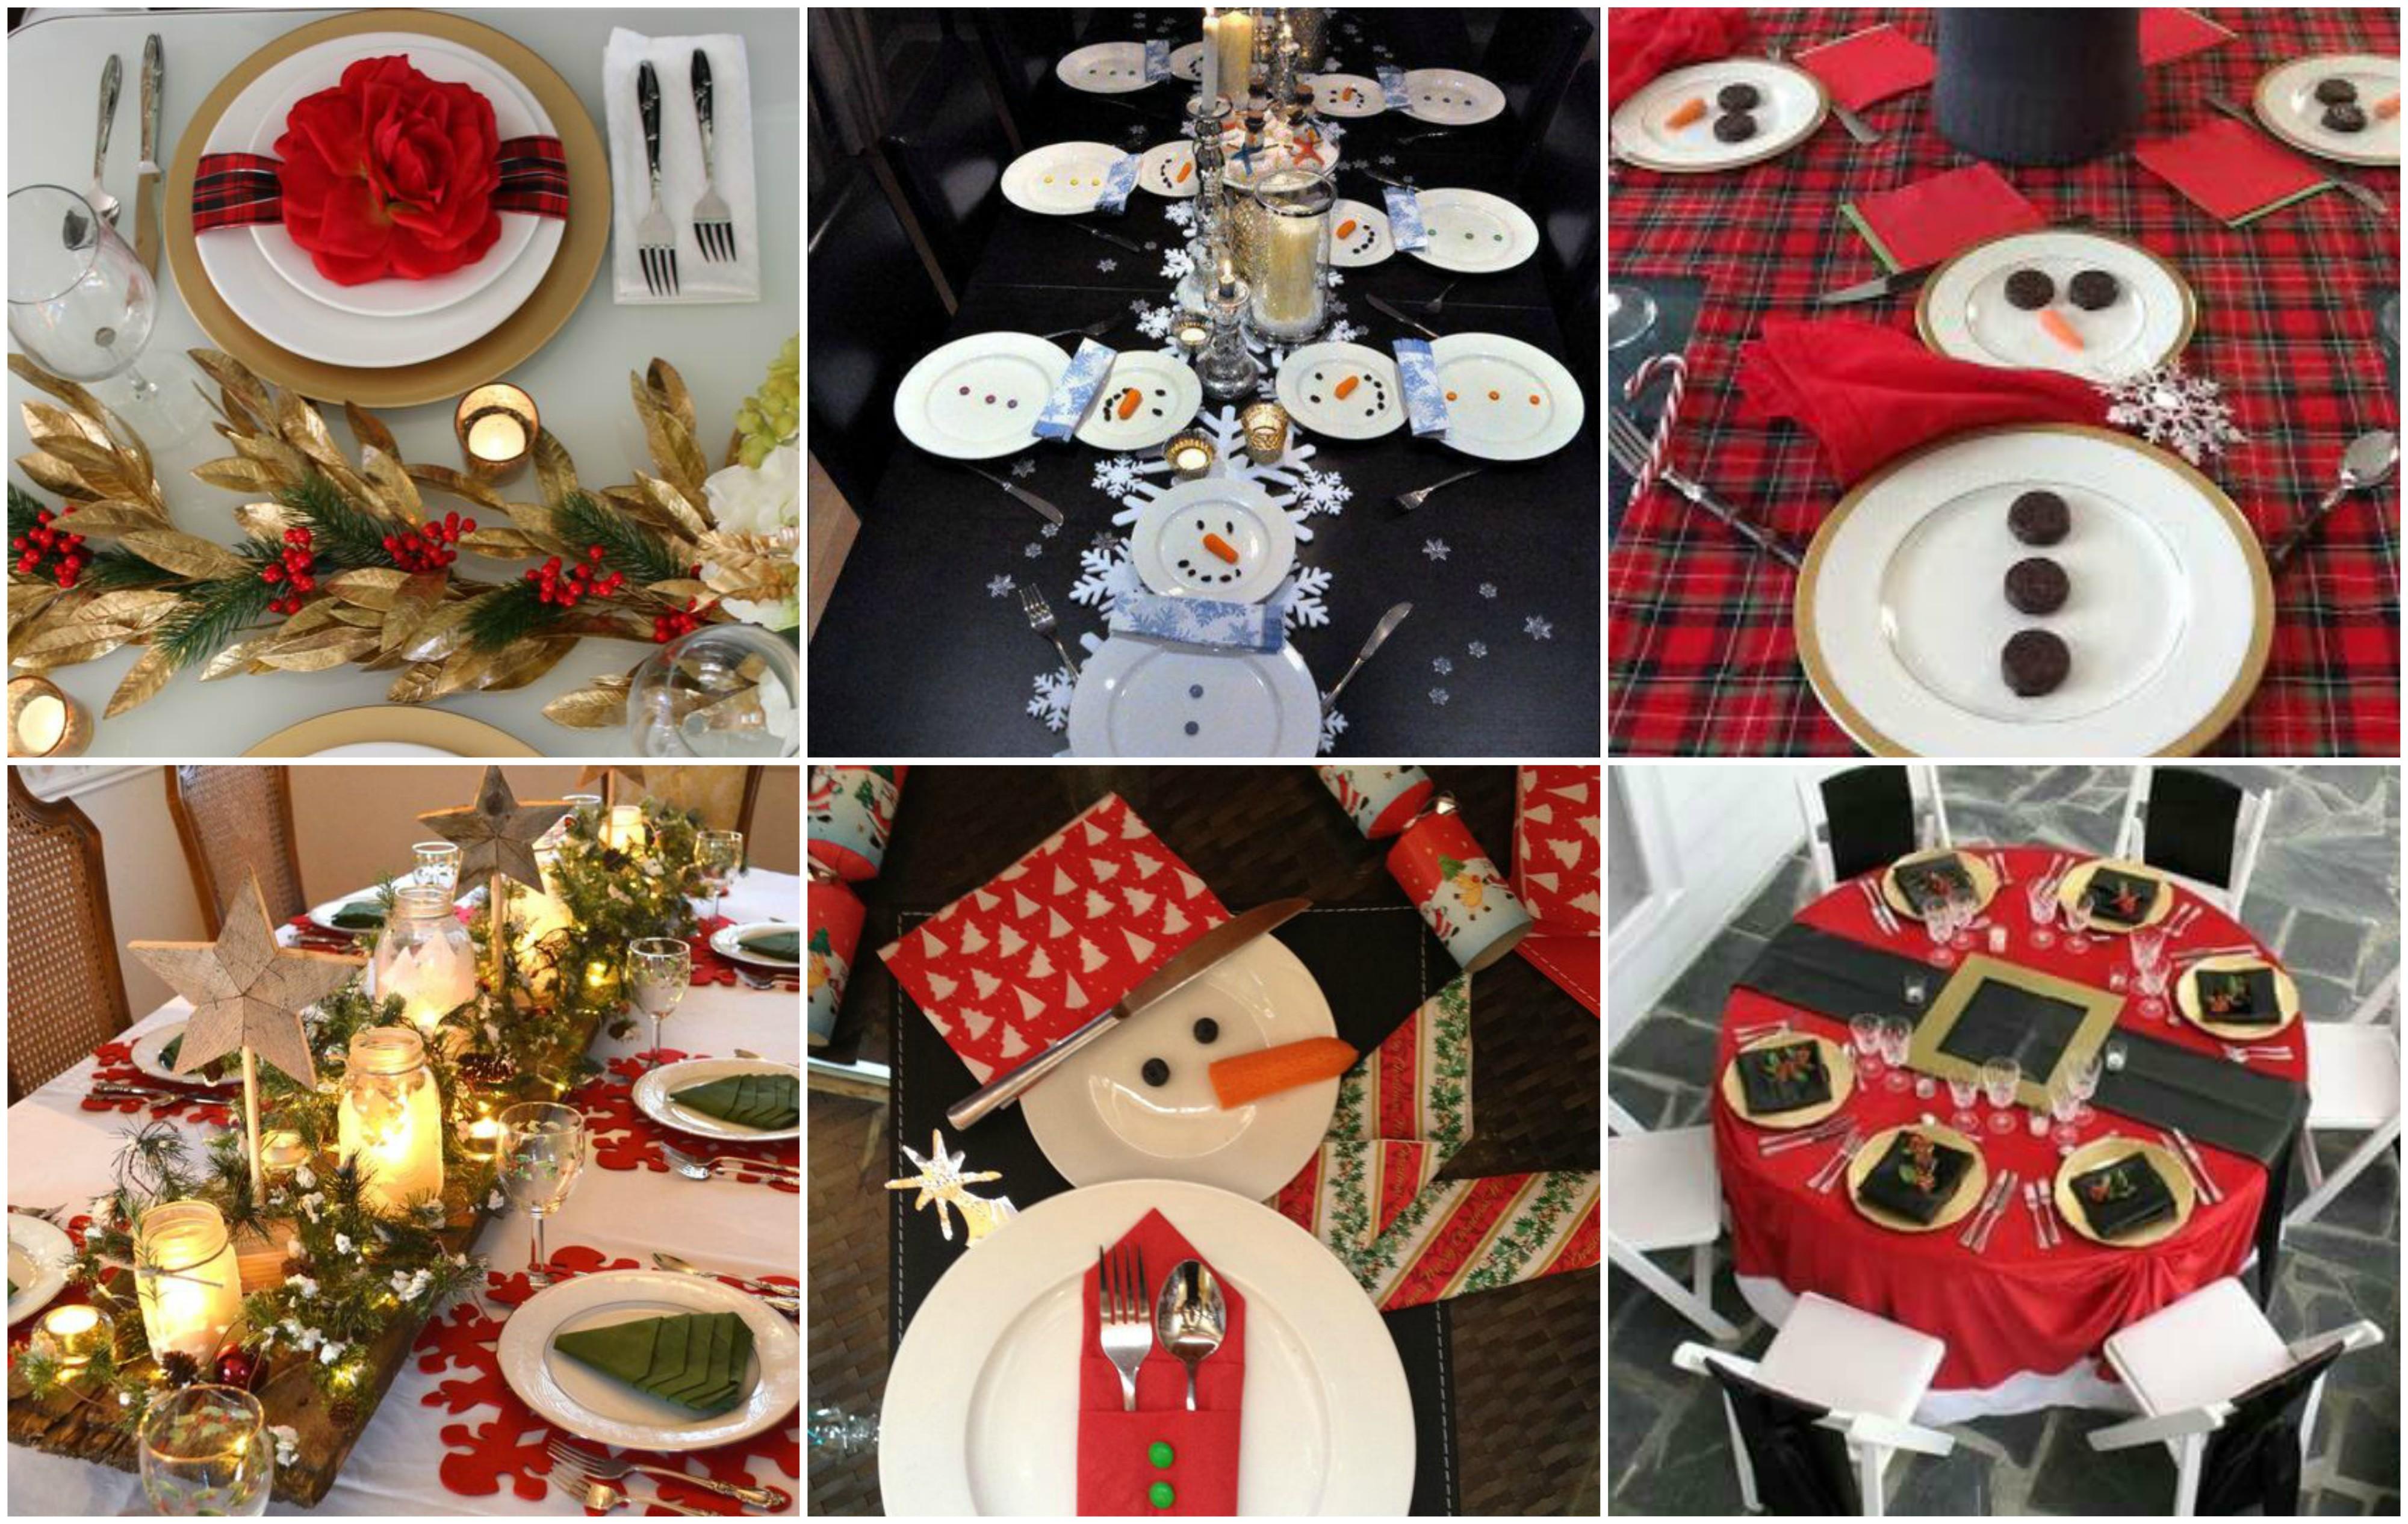 Schnell eine weihnachtliche atmosph re schaffen 15 ideen f r super coole tischdeko - Coole tischdeko ...